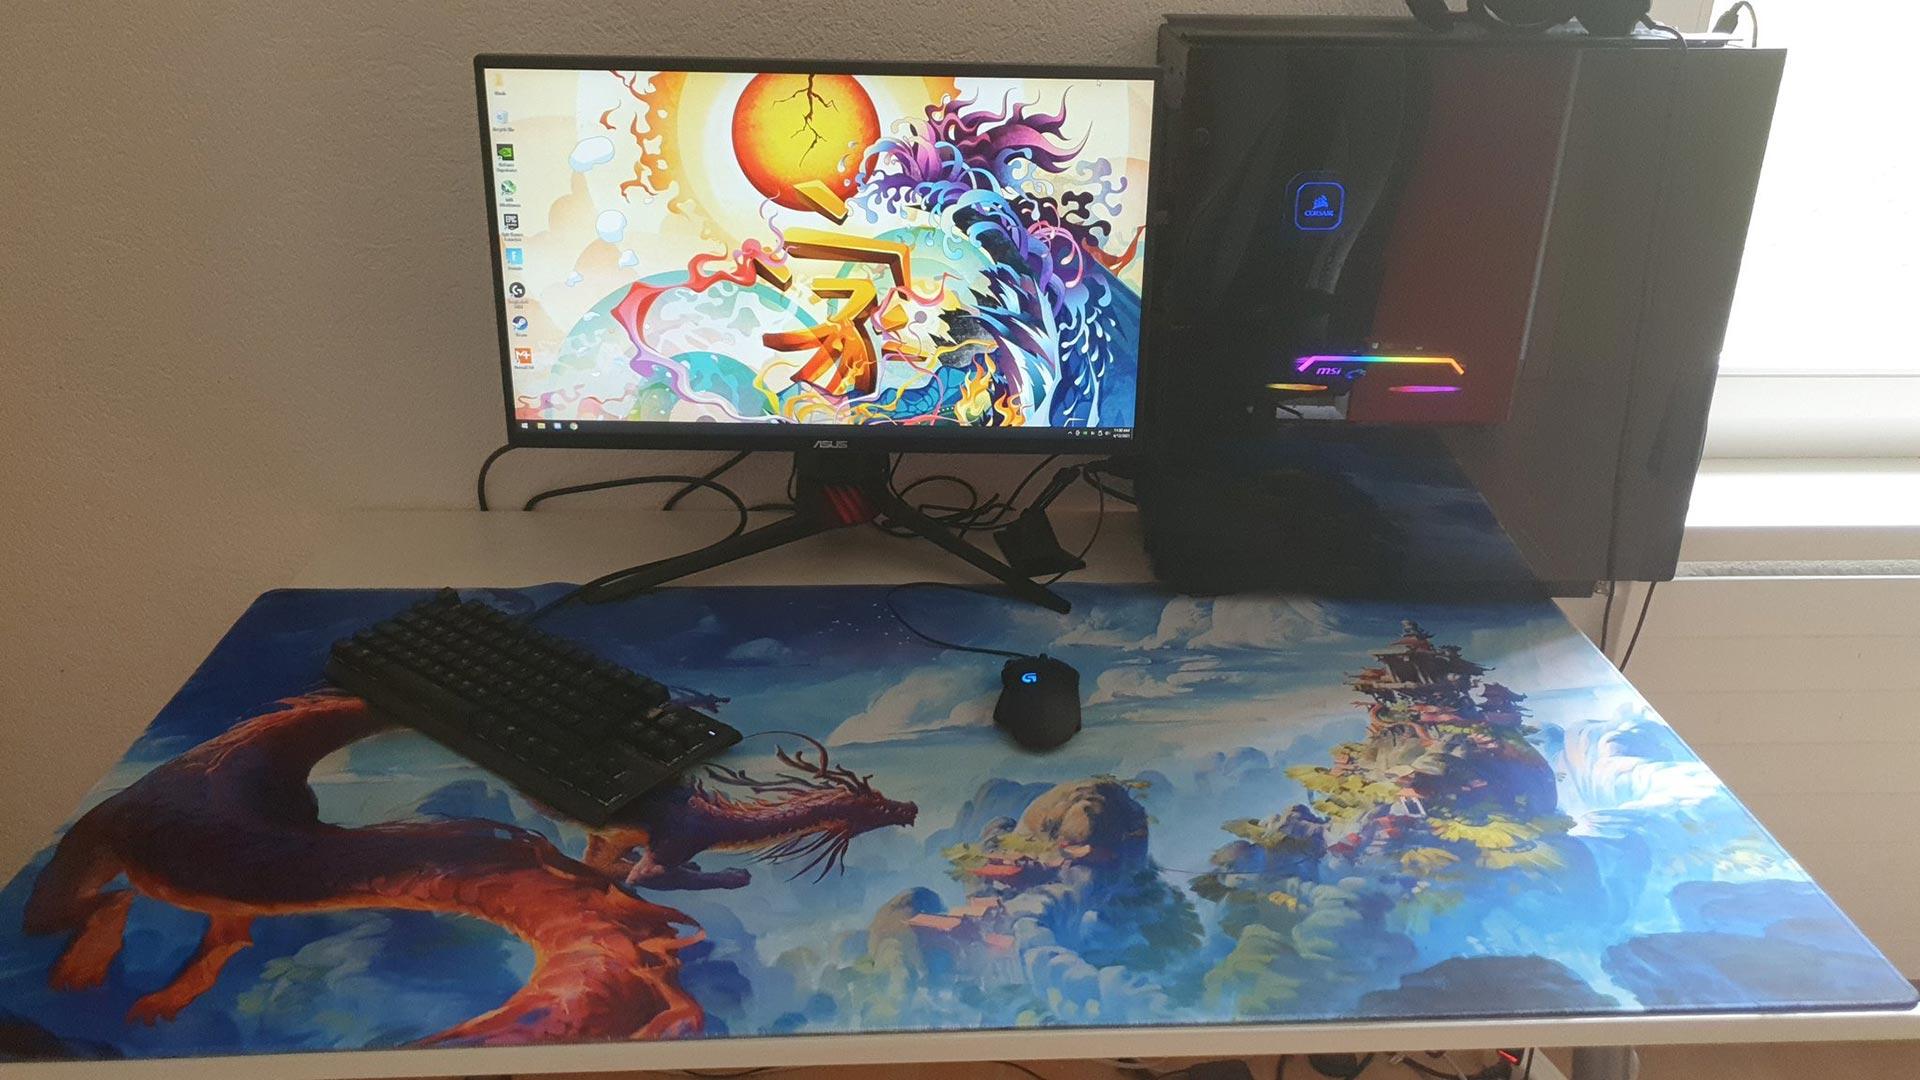 Noahreyli Gaming Room Setup